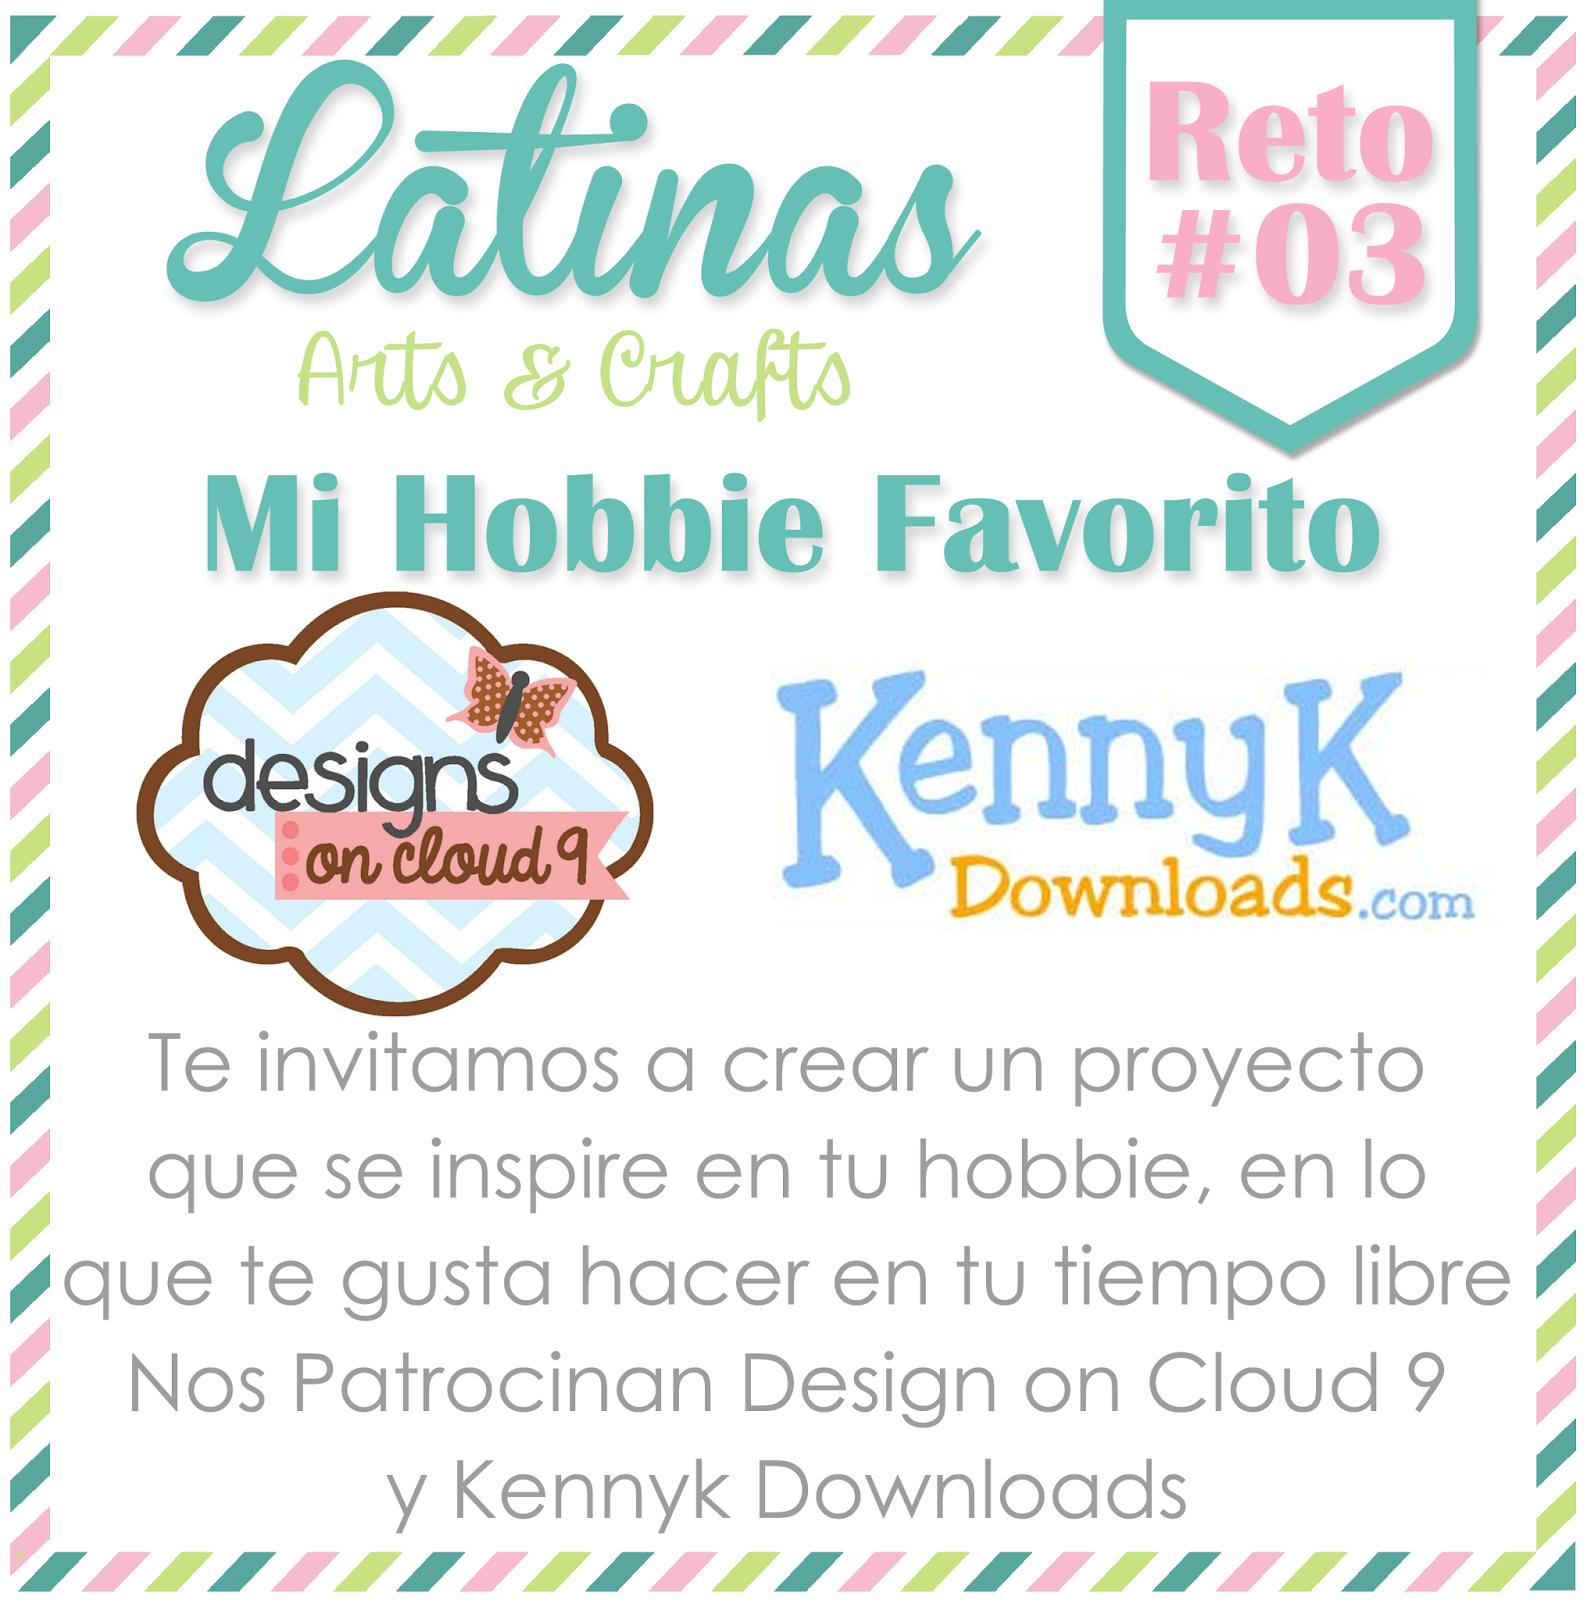 http://latinasartsandcrafts.blogspot.com/